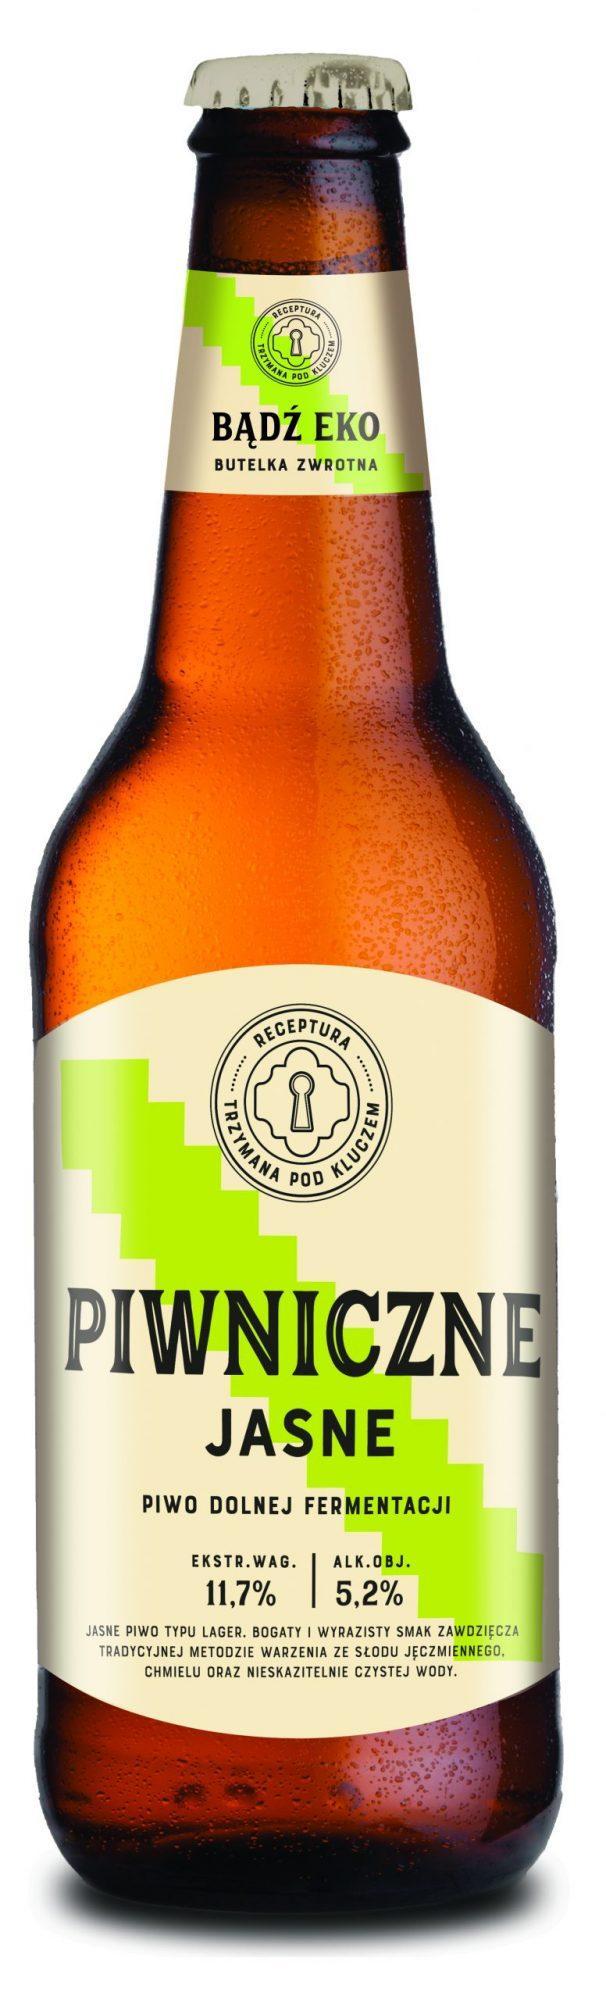 Piwo Piwniczne - piwniczne wiz 3 scaled